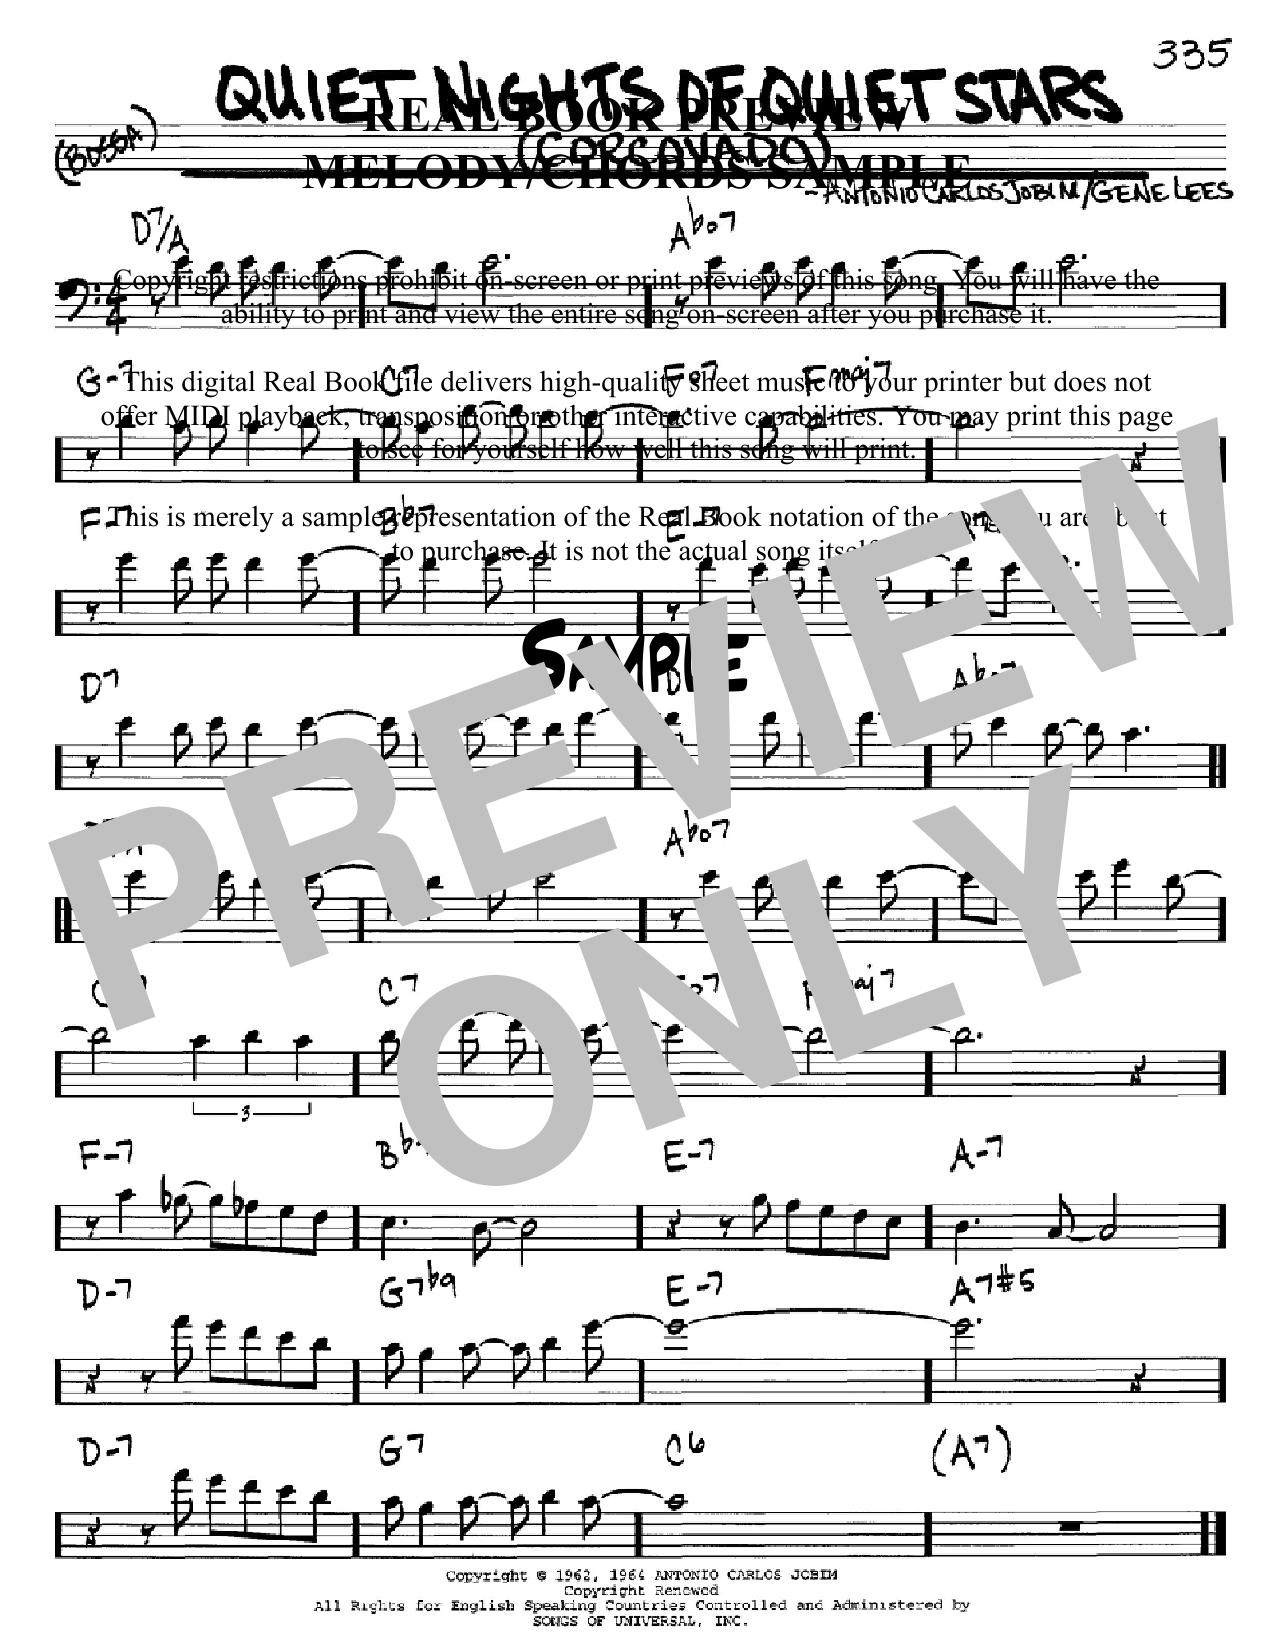 Partition autre Corcovado (Quiet Nights Of Quiet Stars) de Antonio Carlos Jobim - Real Book, Melodie et Accords, Inst. En cle de Fa